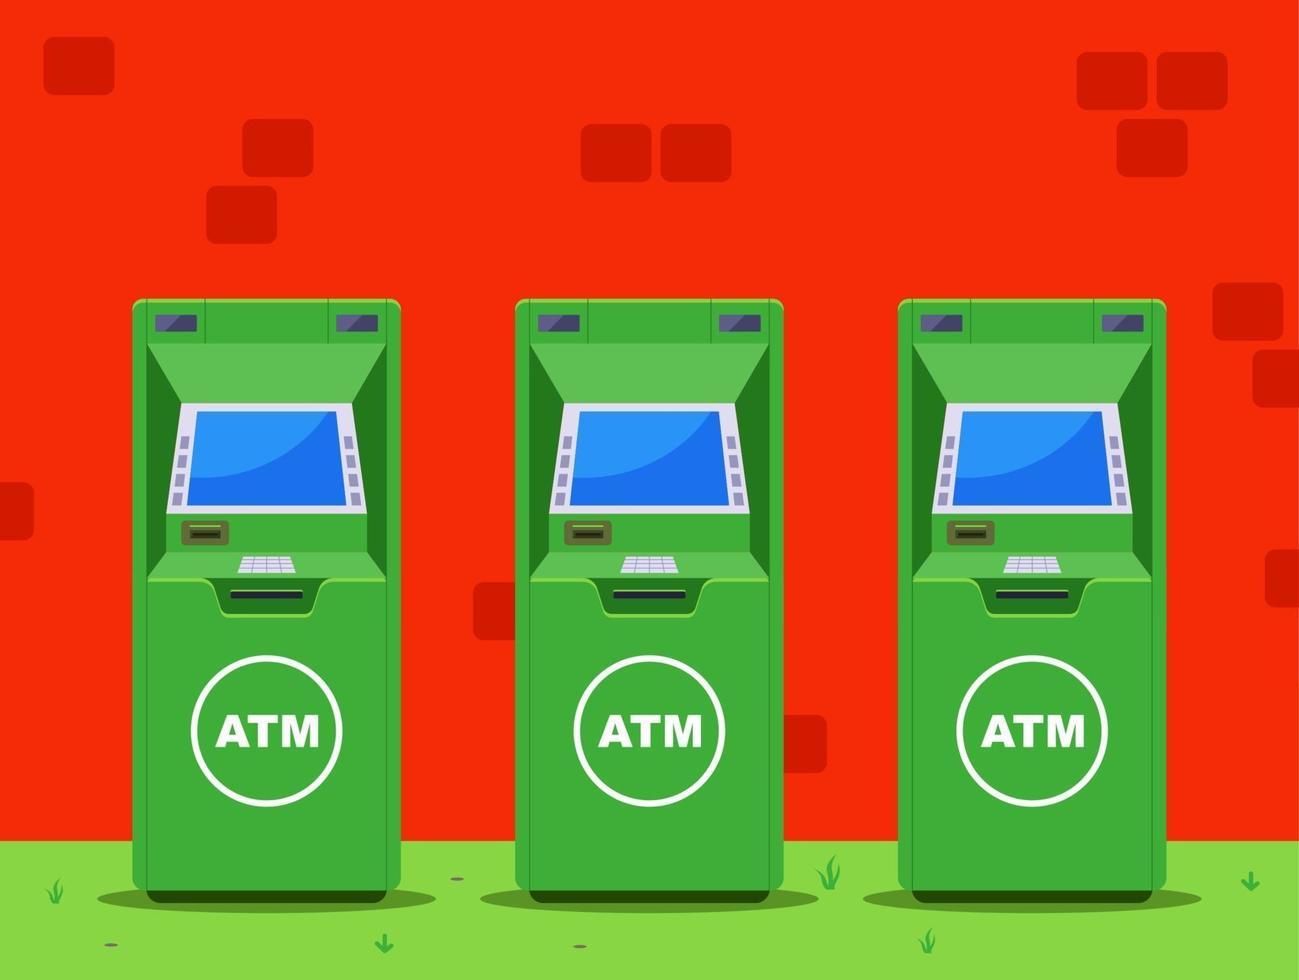 diversi bancomat verdi sulla strada. illustrazione vettoriale piatta.